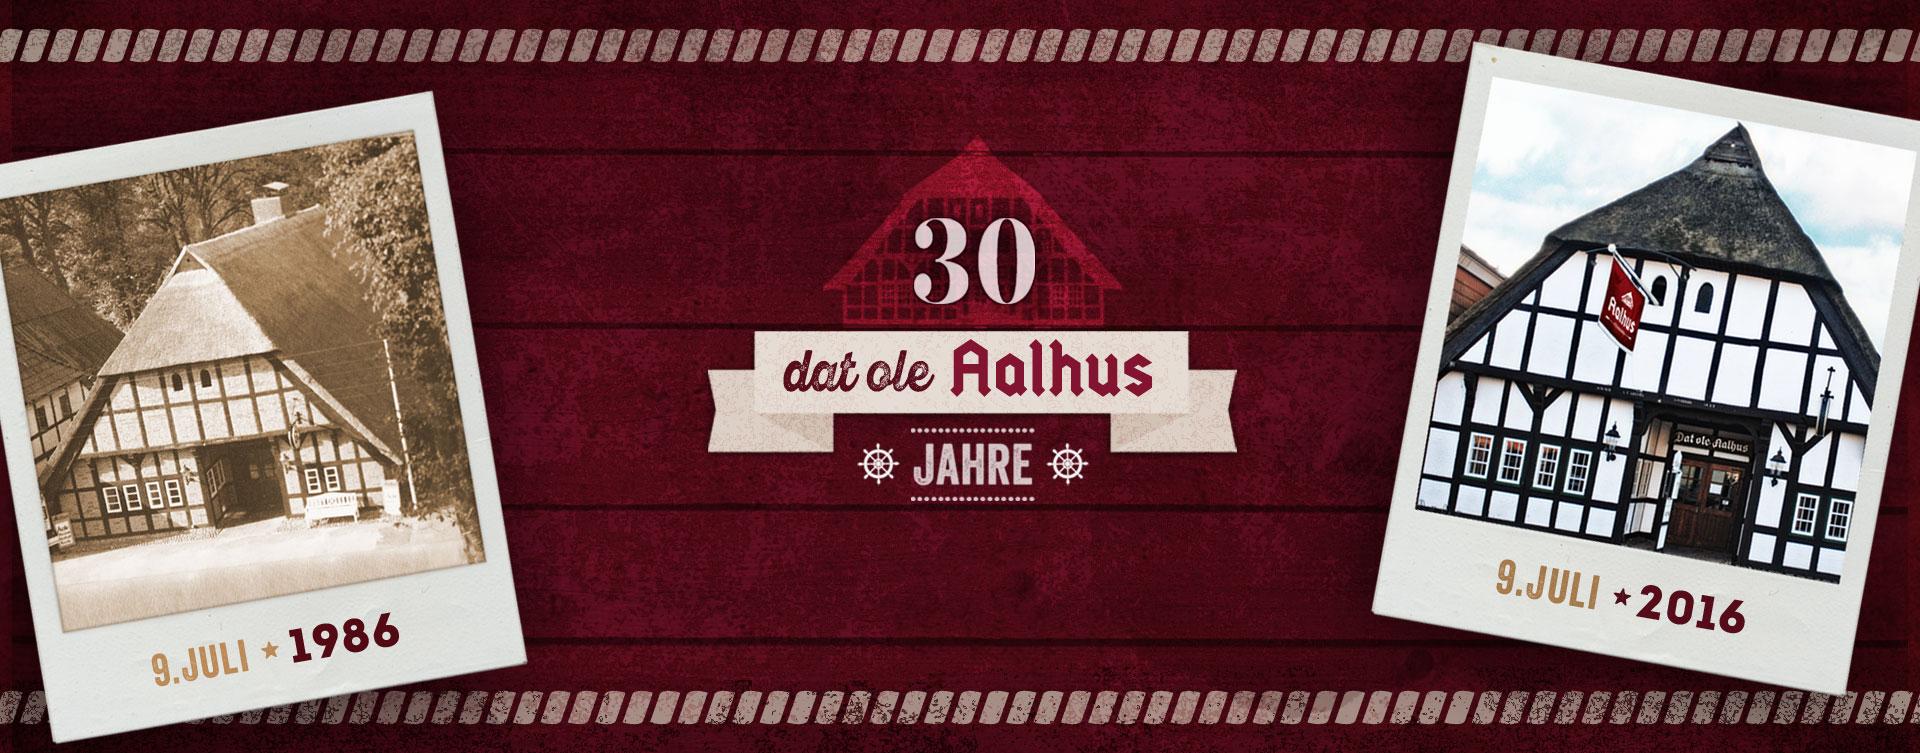 aalhus-slider-30jahre